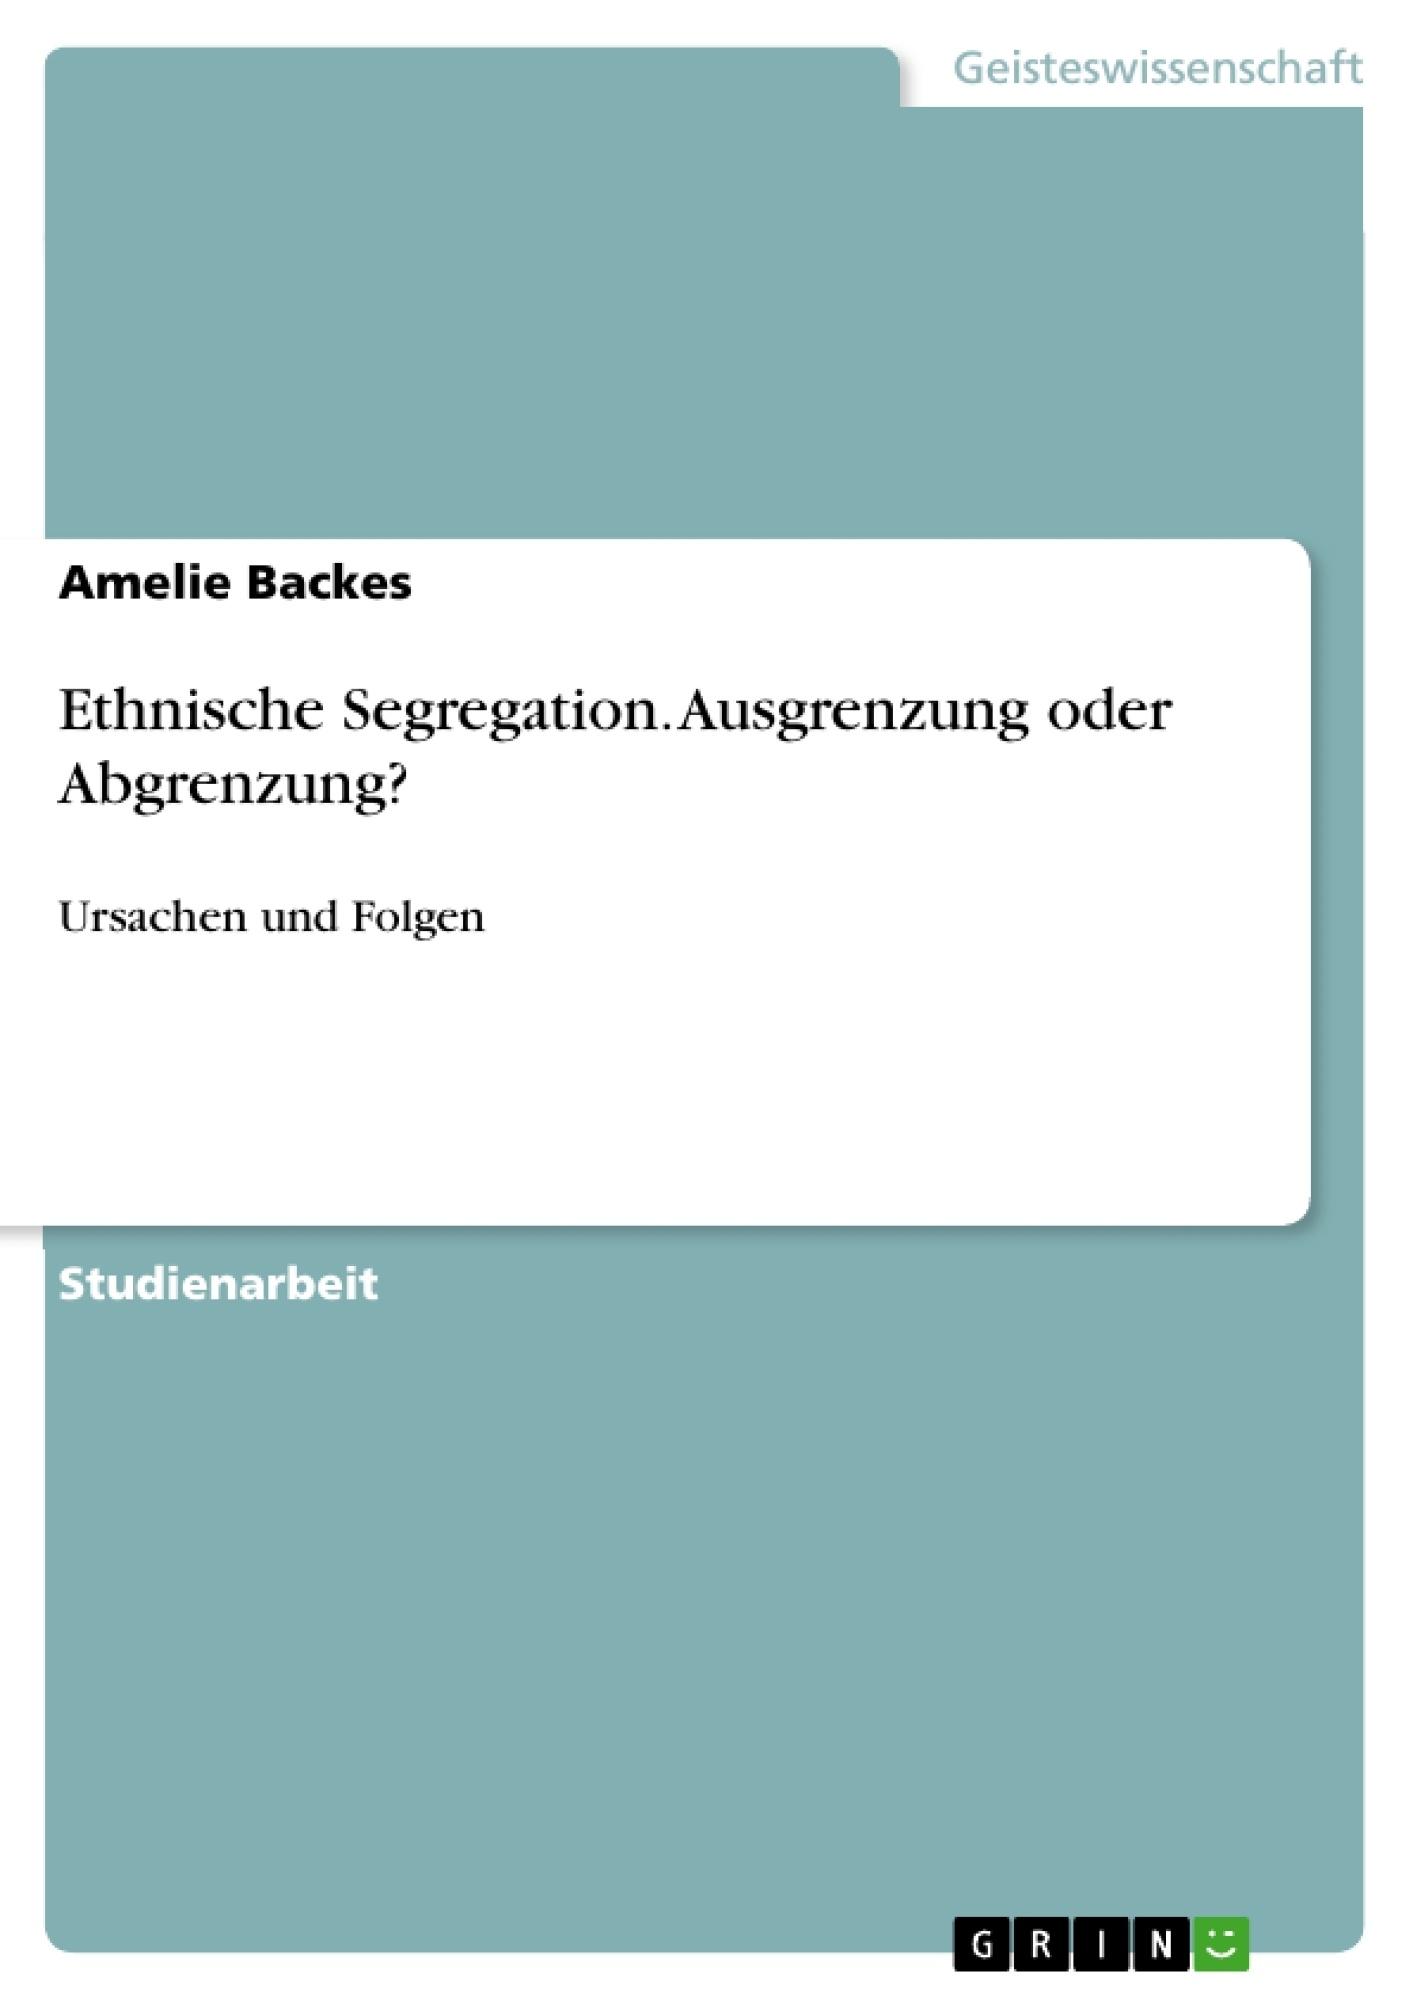 Titel: Ethnische Segregation. Ausgrenzung oder Abgrenzung?